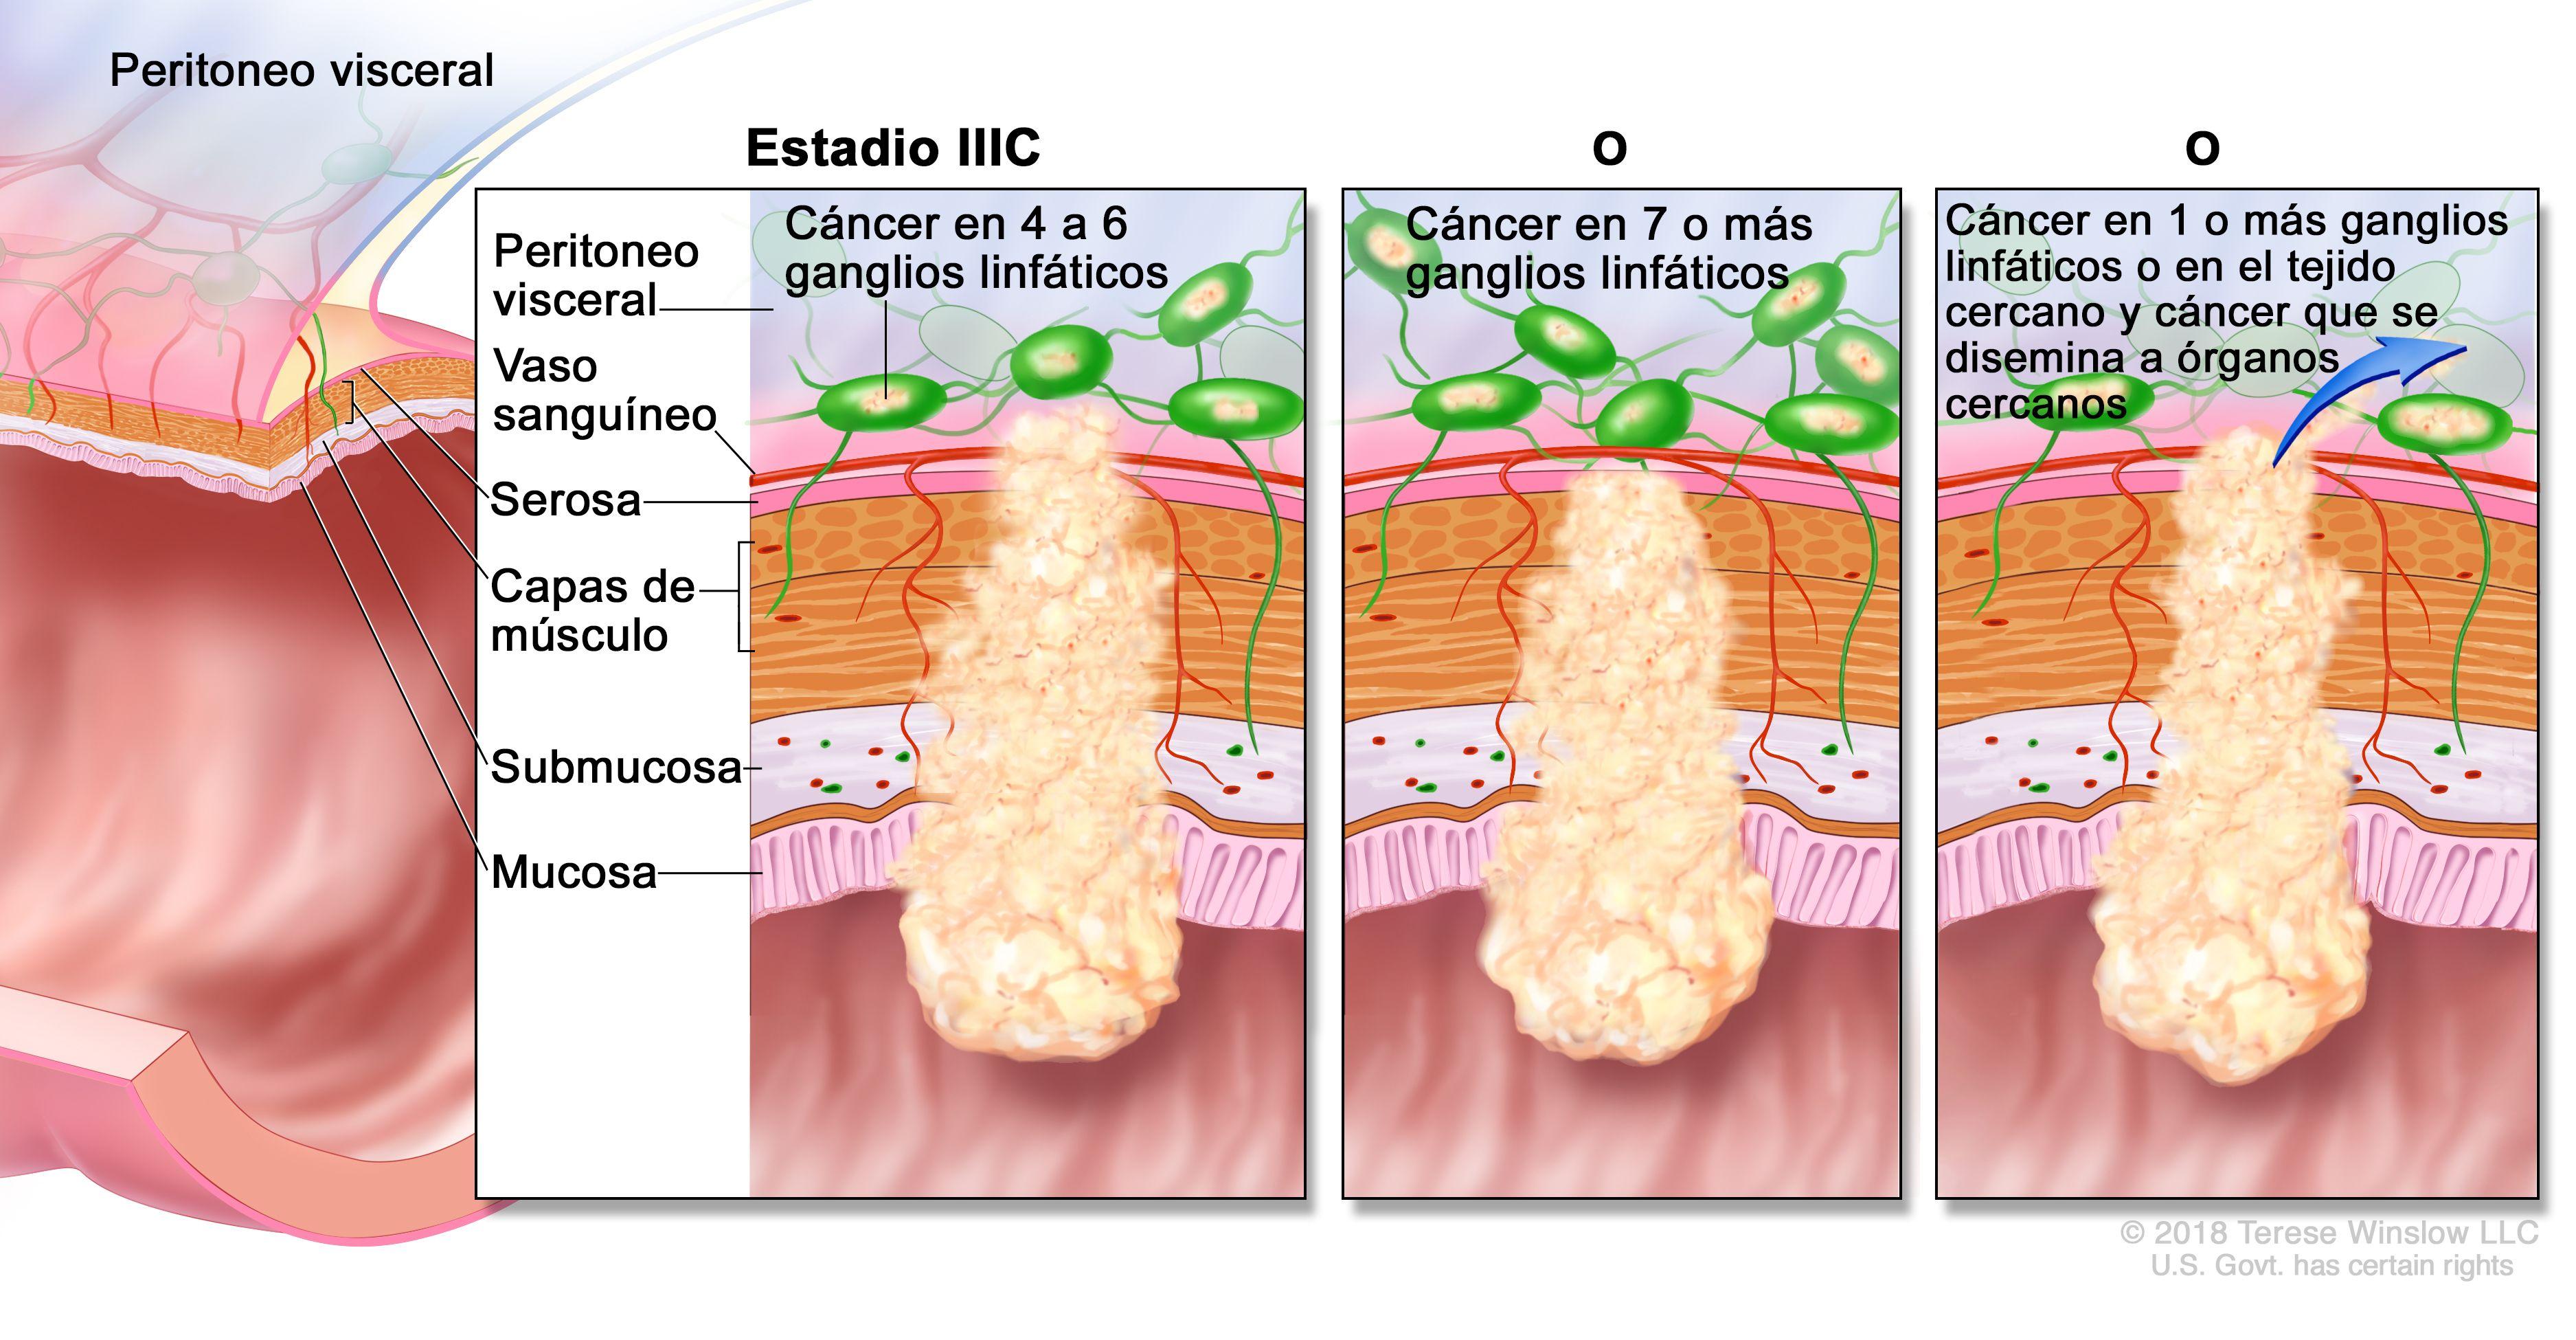 cancer de colon con ganglios afectados